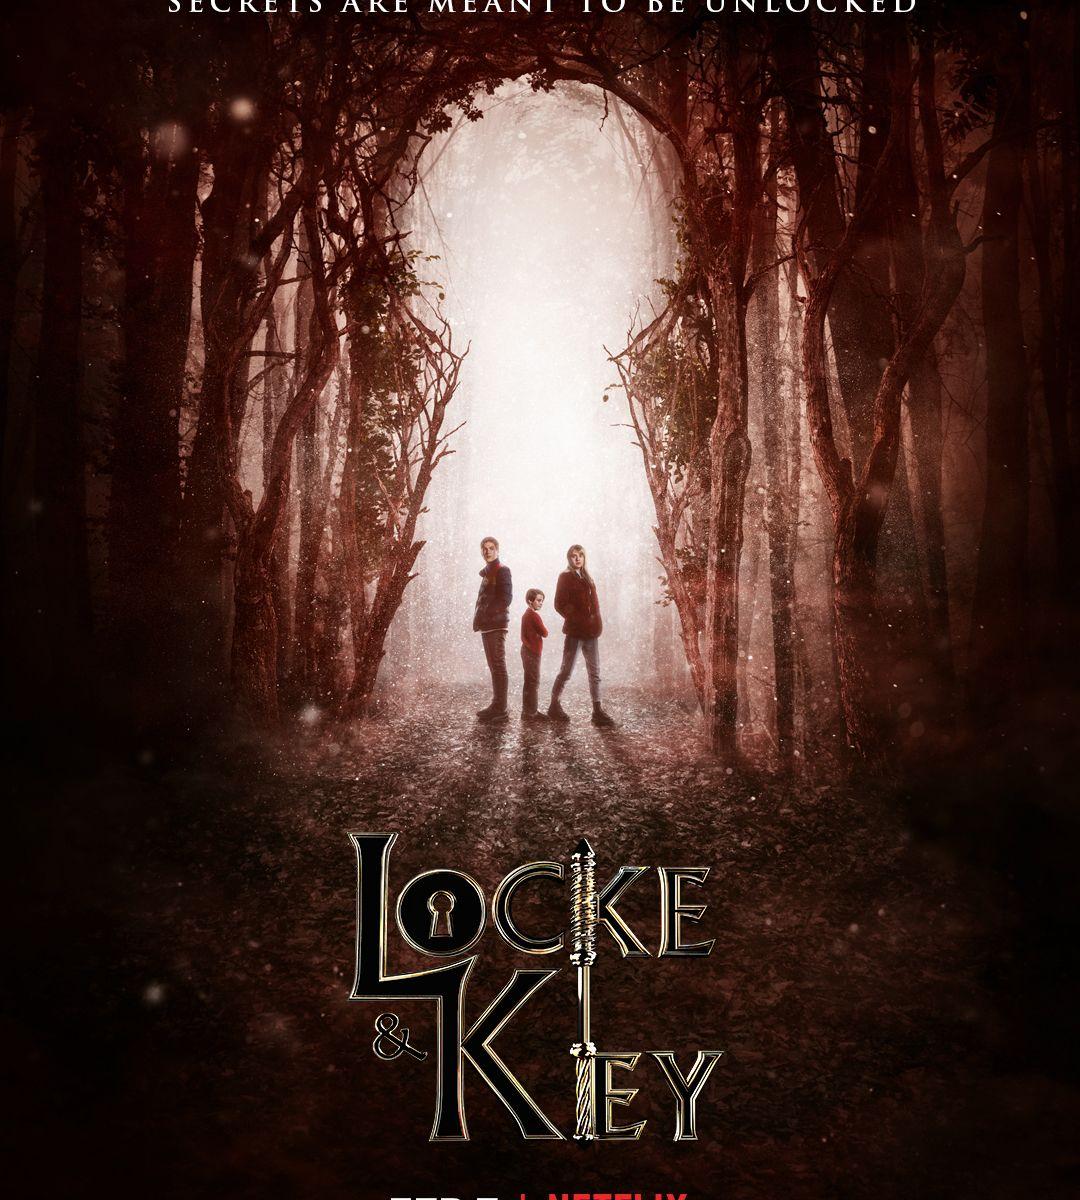 locke-key-affiche-1157643